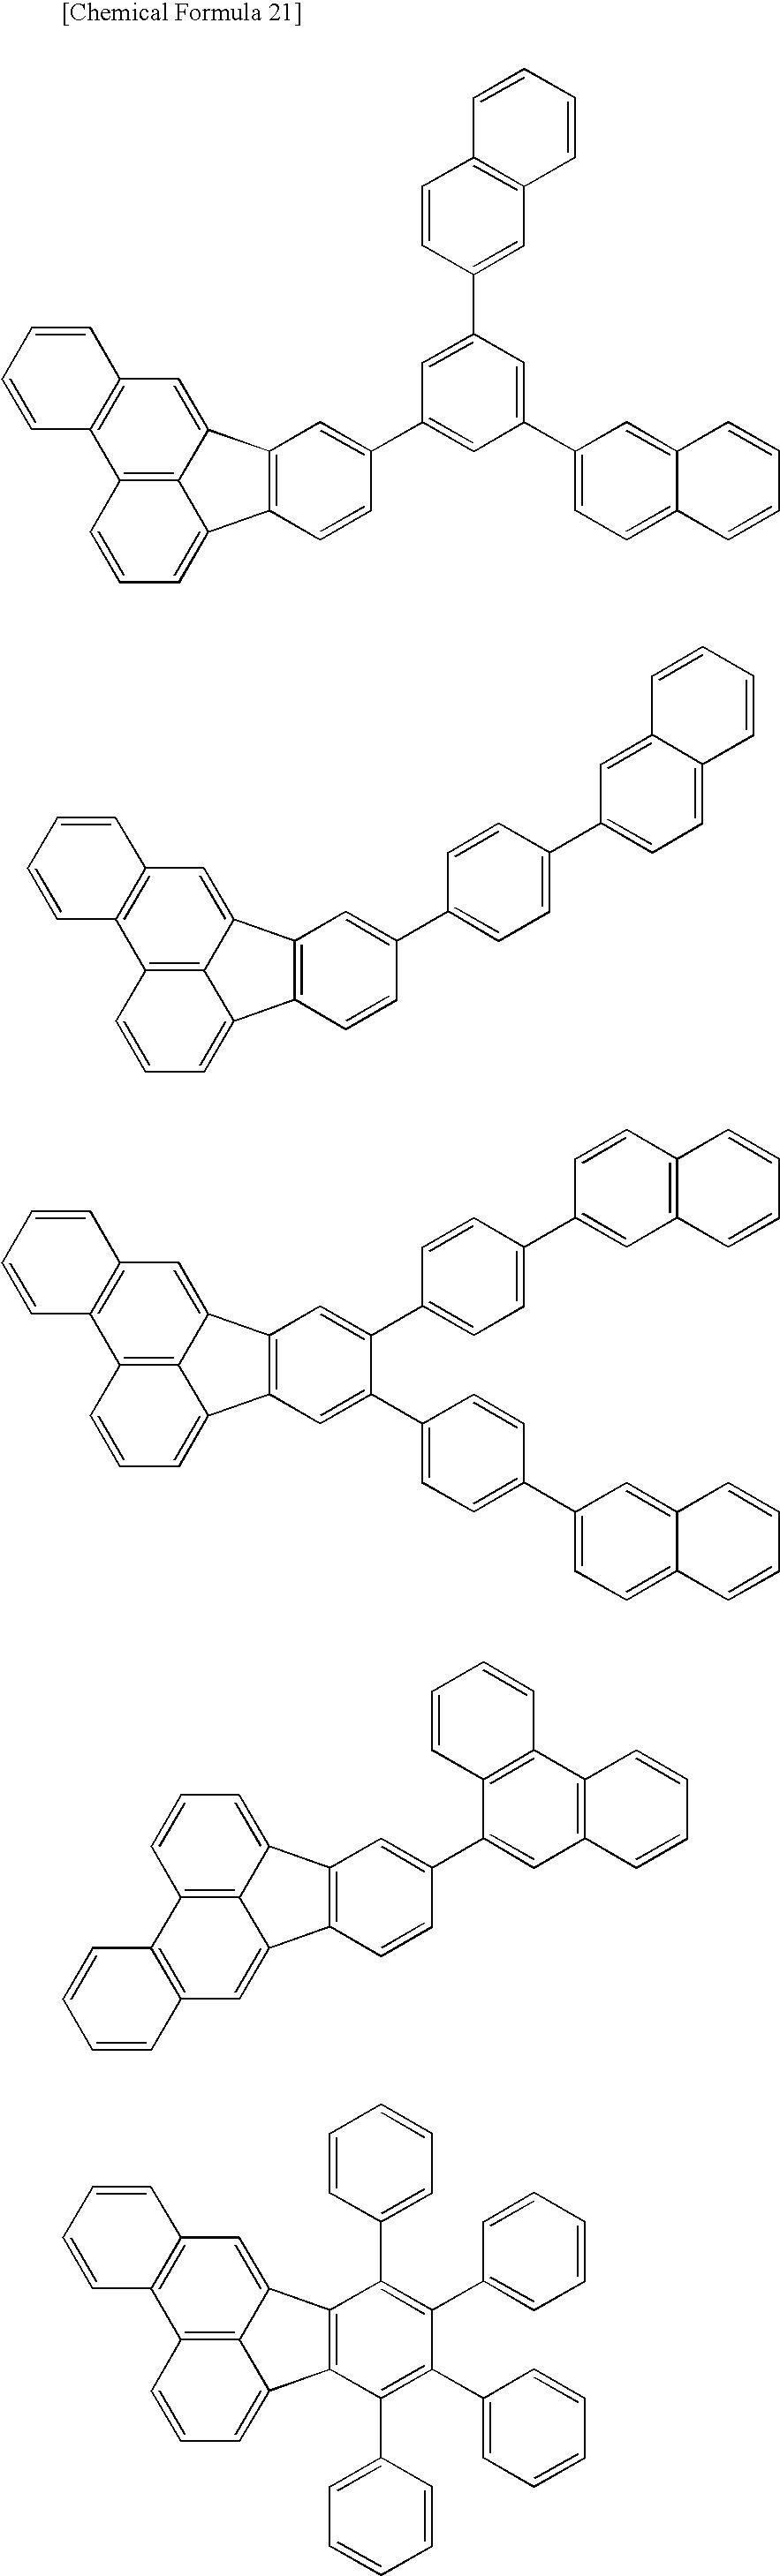 Figure US20100171109A1-20100708-C00033